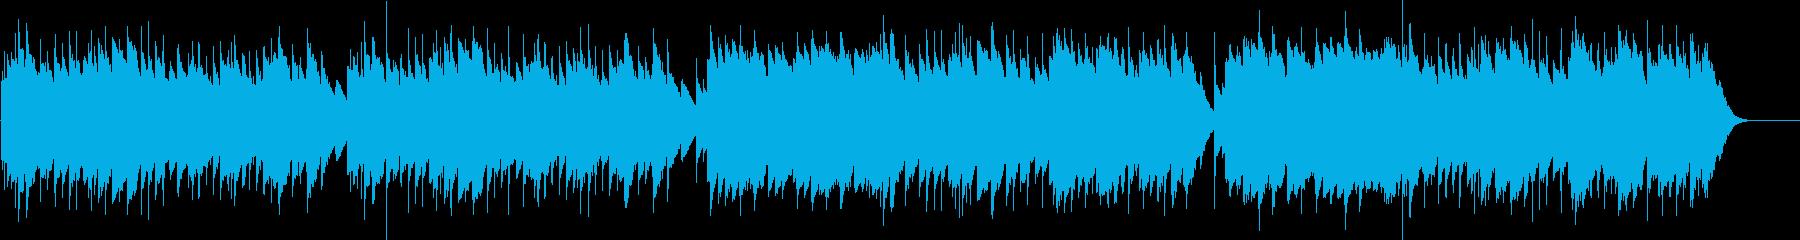 ボッケリーニ 弦楽五重奏曲(オルゴール)の再生済みの波形